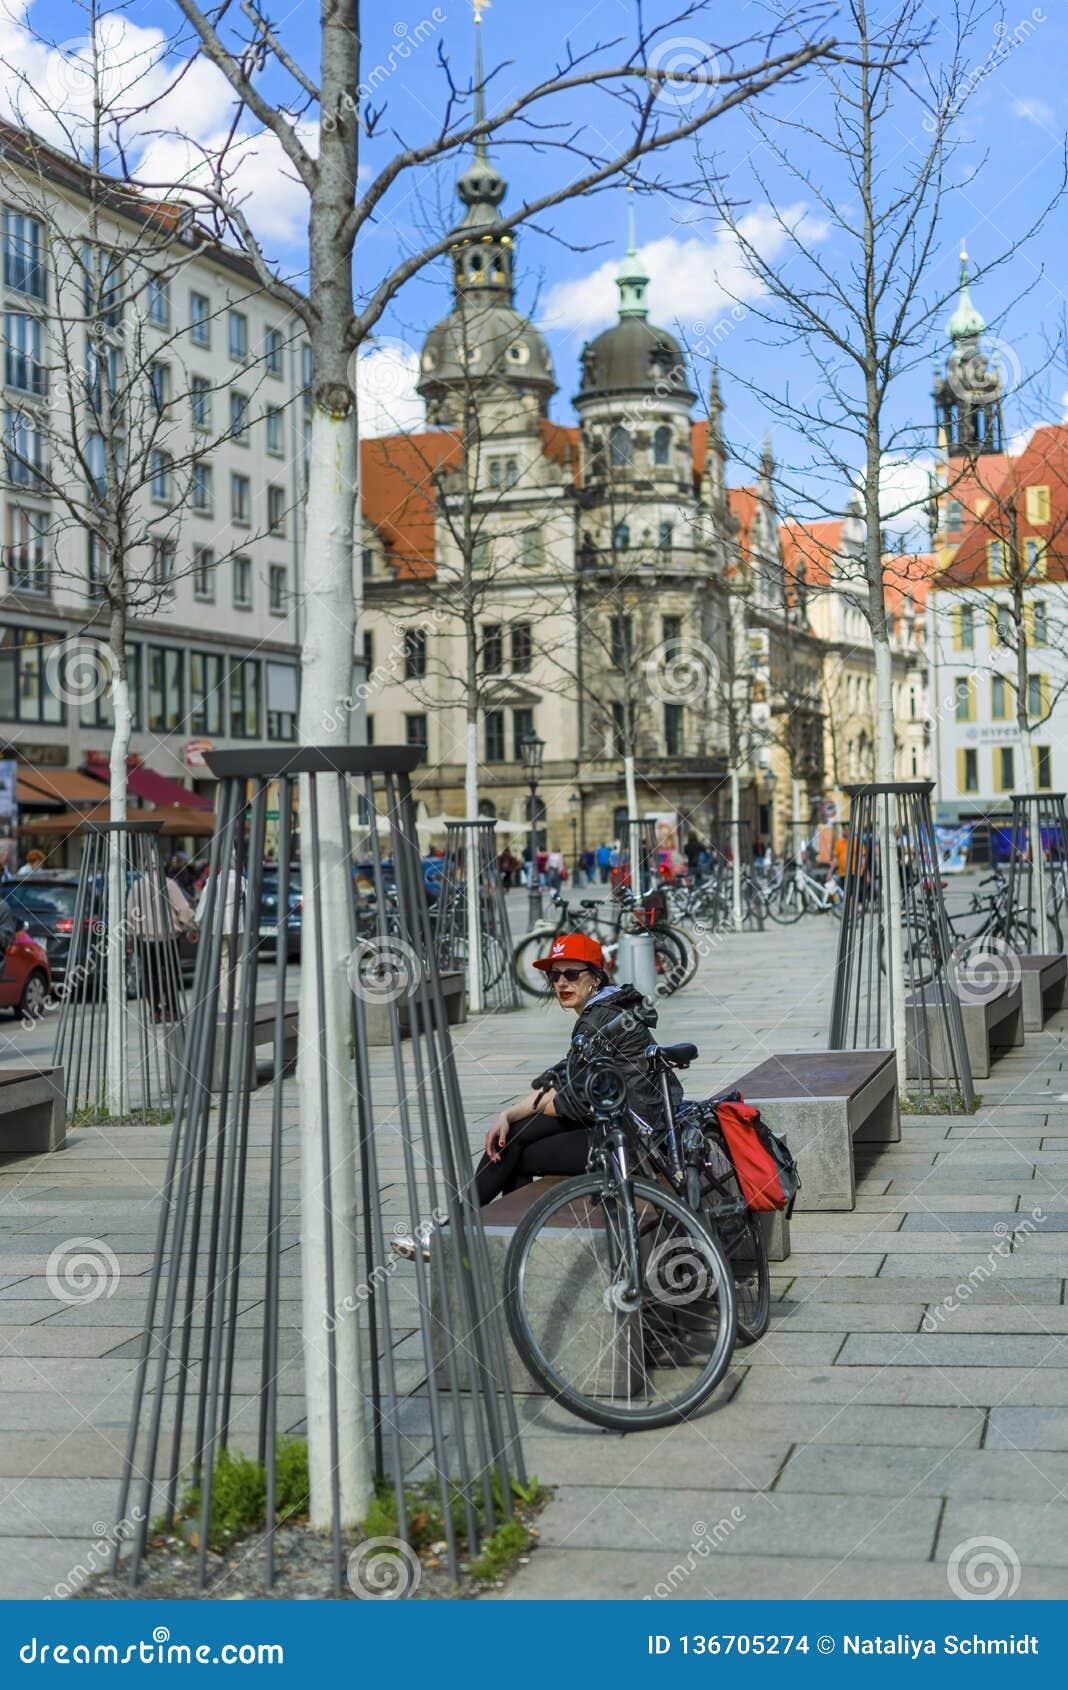 Germany. Saxony. Spring in Dresden